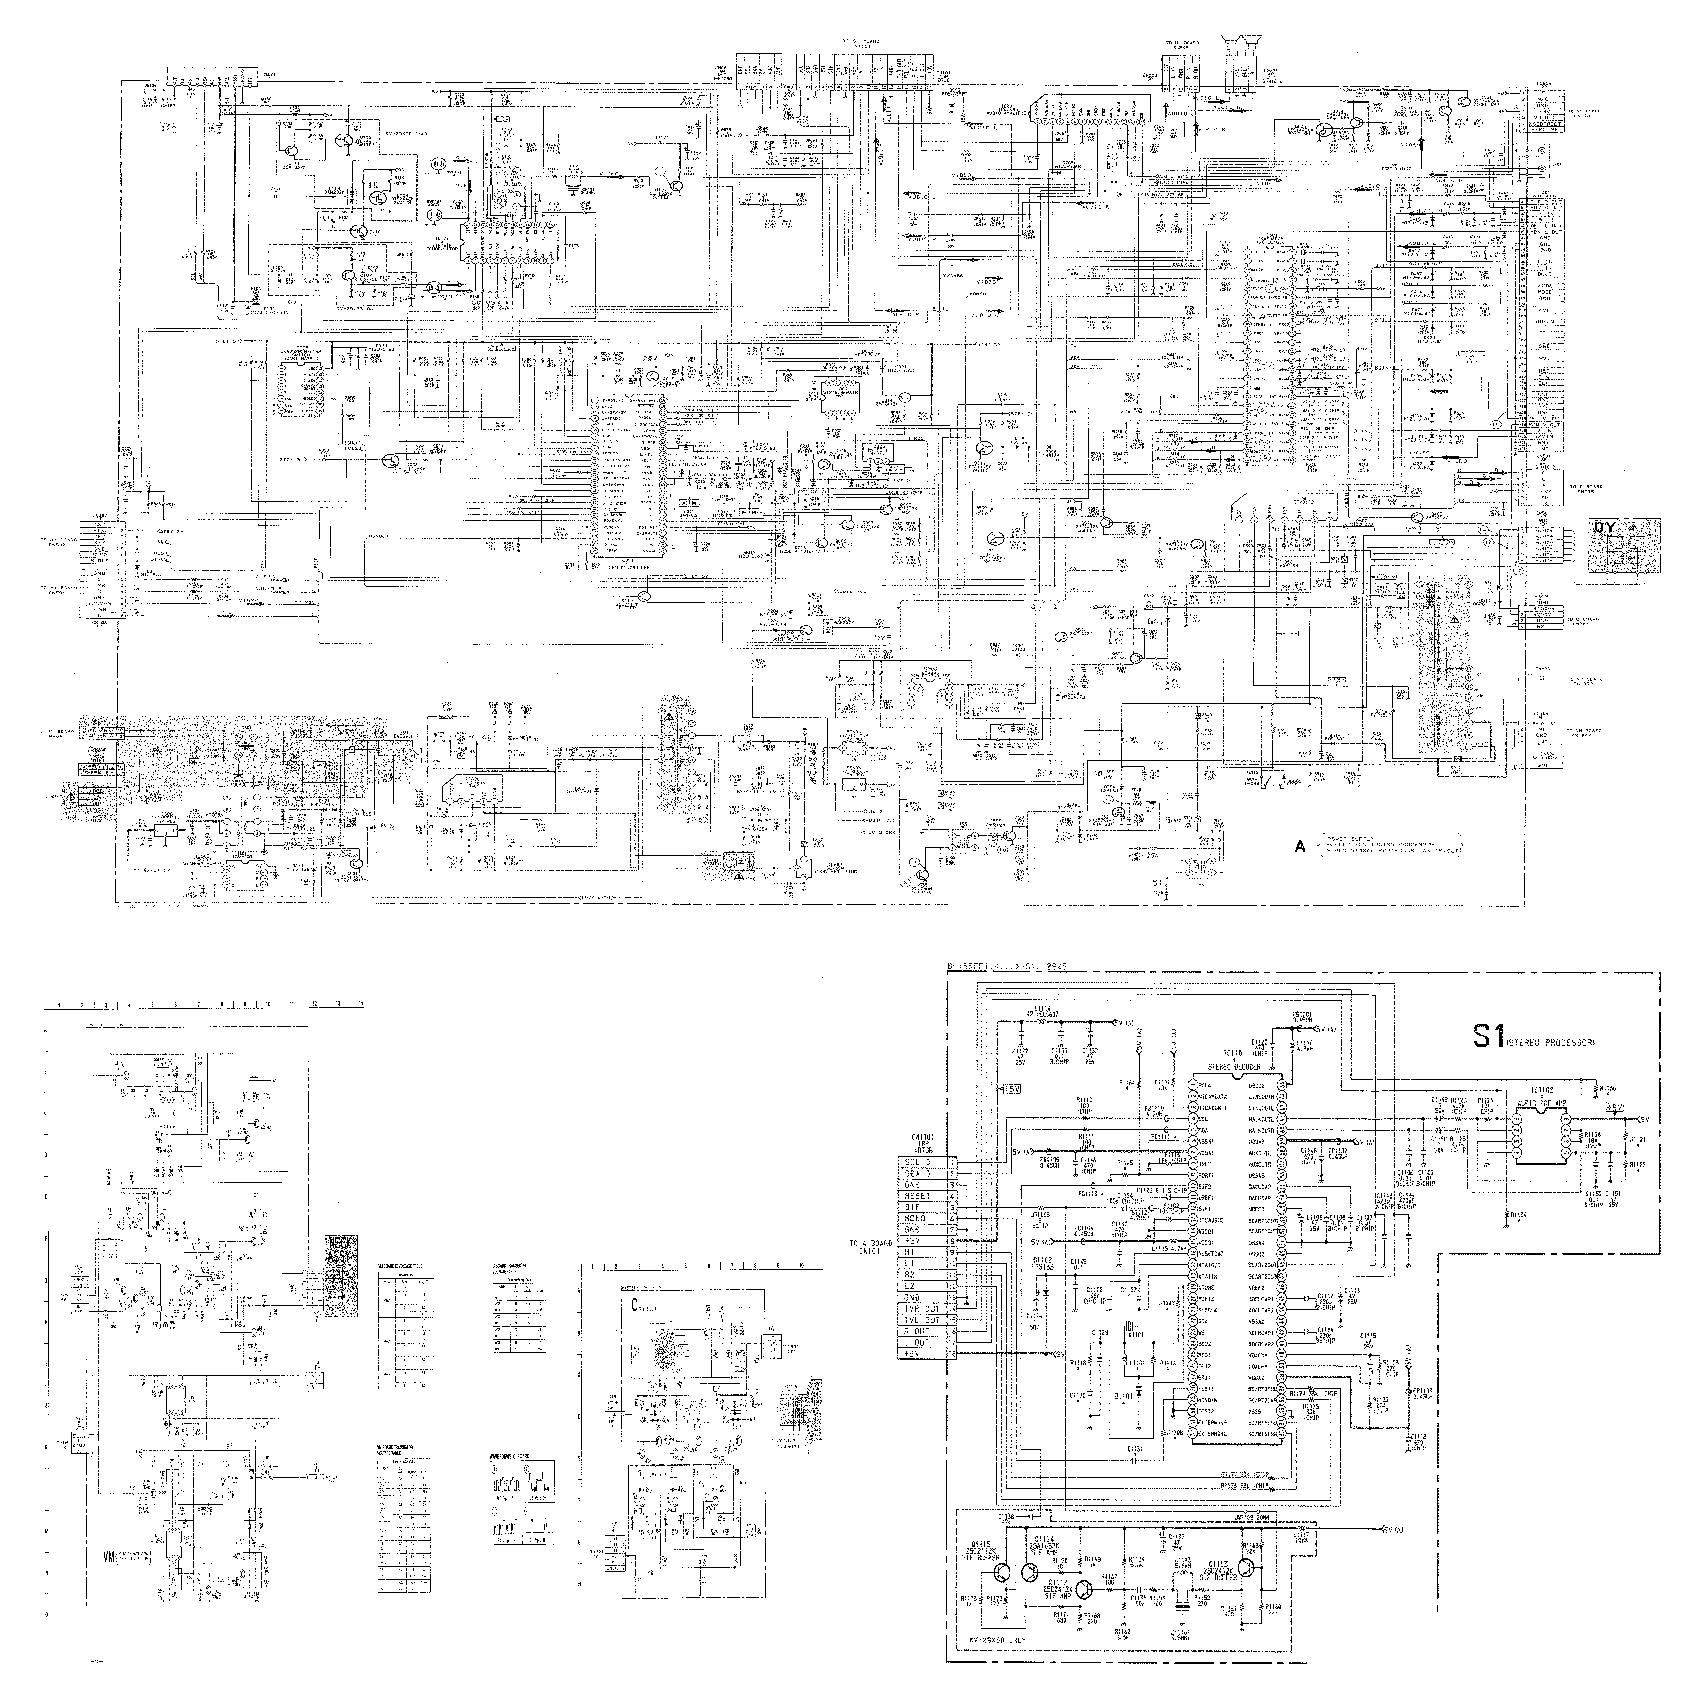 hypson kv 29x5r tv sony kv 29x5r 1  pdf diagramas de